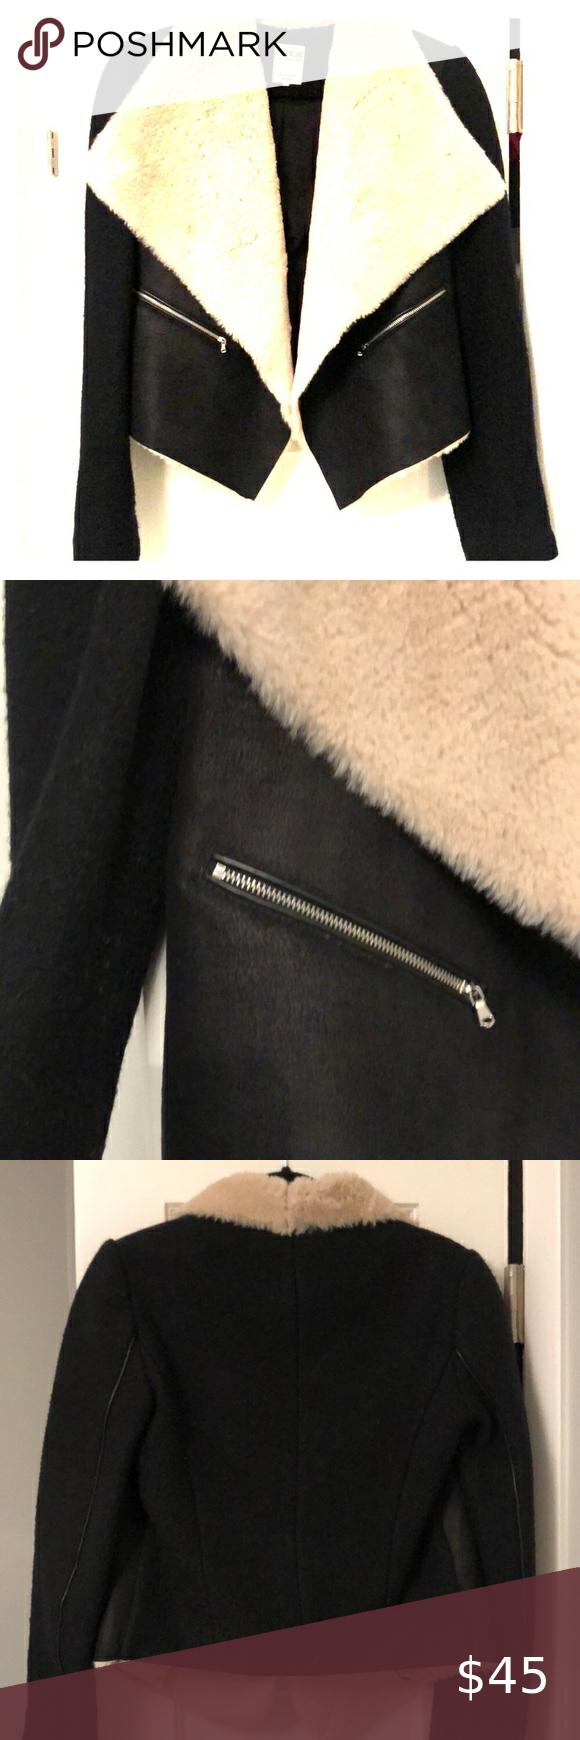 Zara Trafaluc Jacket Line Jackets Zara Jackets [ 1740 x 580 Pixel ]